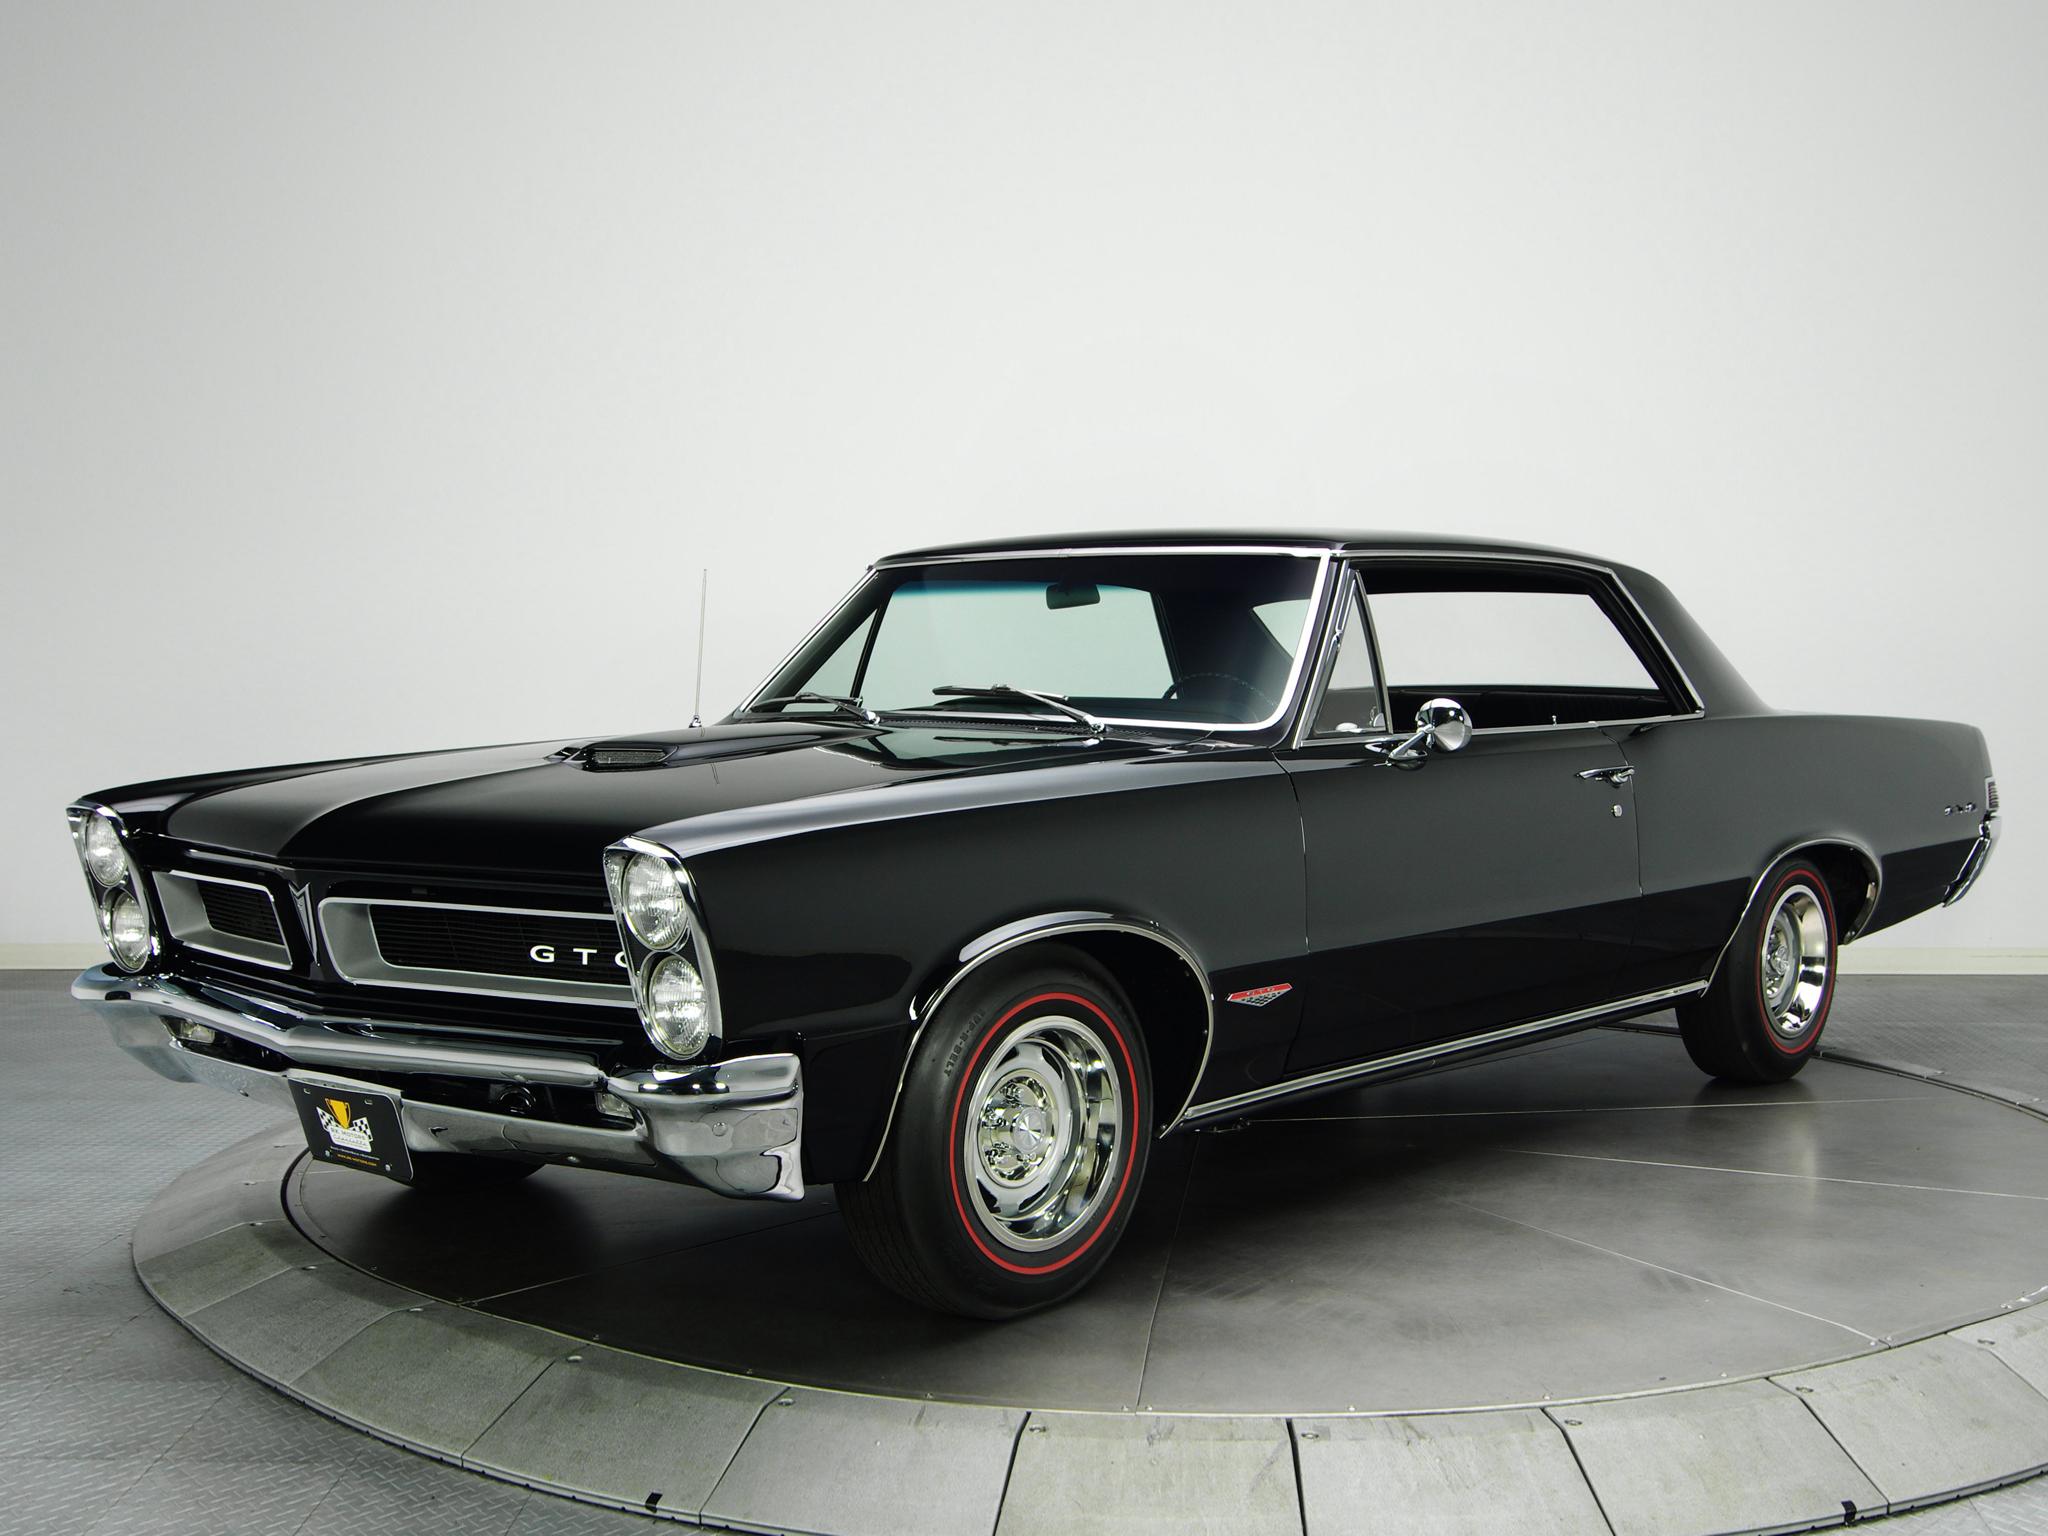 1965 Pontiac Tempest Lemans Gto Hardtop Coupe Muscle